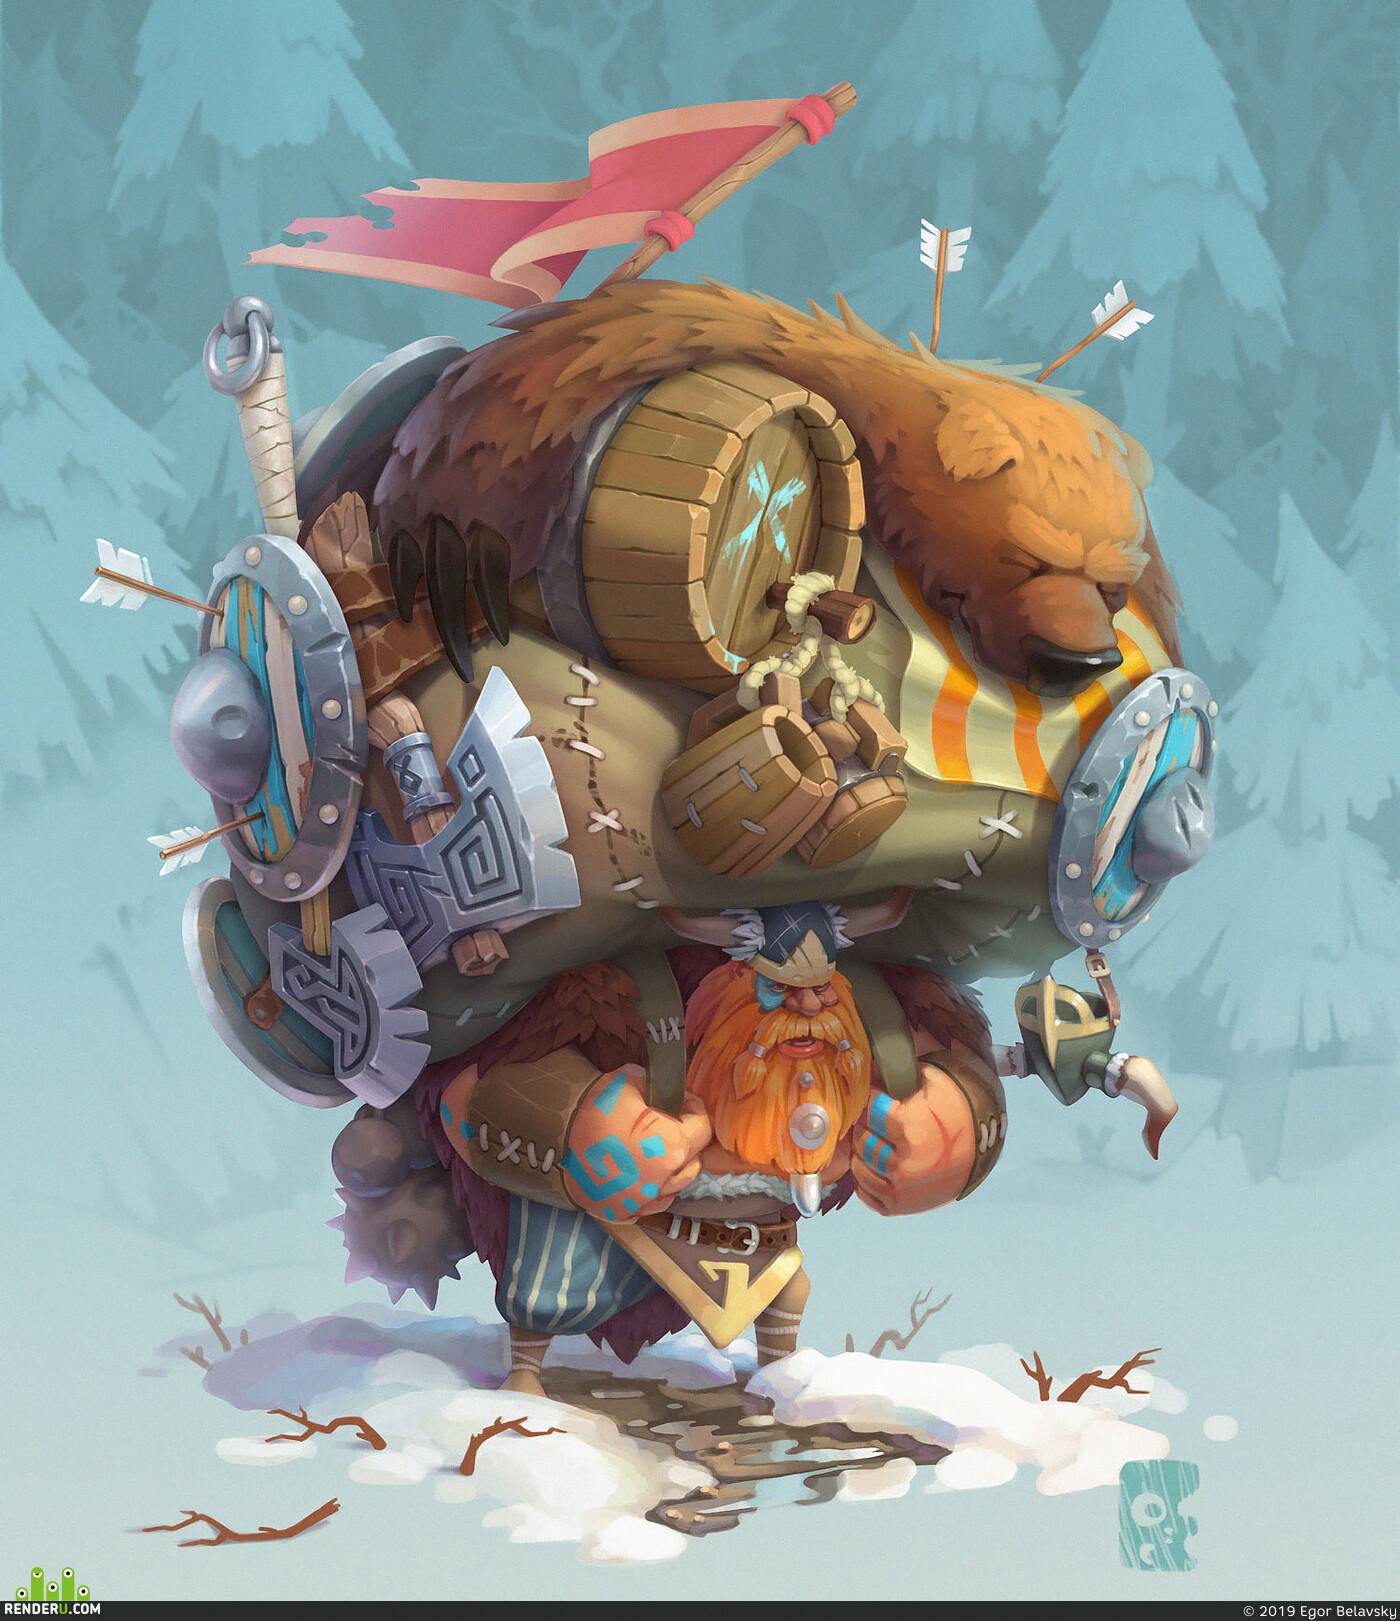 2D art, 2d художник, character2d, viking, axe